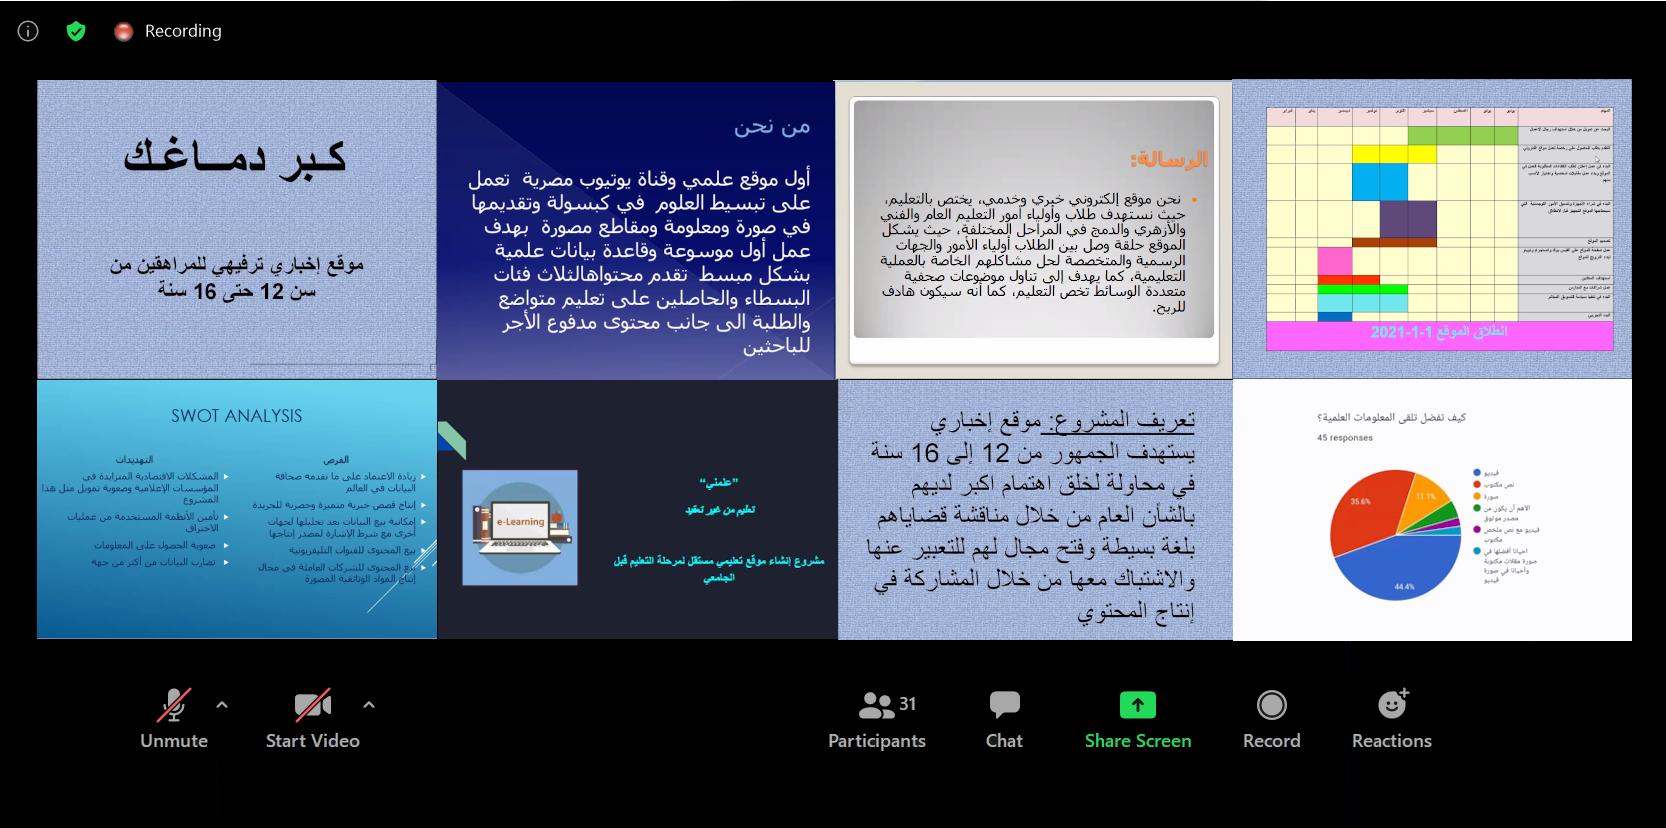 27 صحافية من مصر يكملنَ التدريب على إدارة وسائل الإعلام للنساء في الأخبار